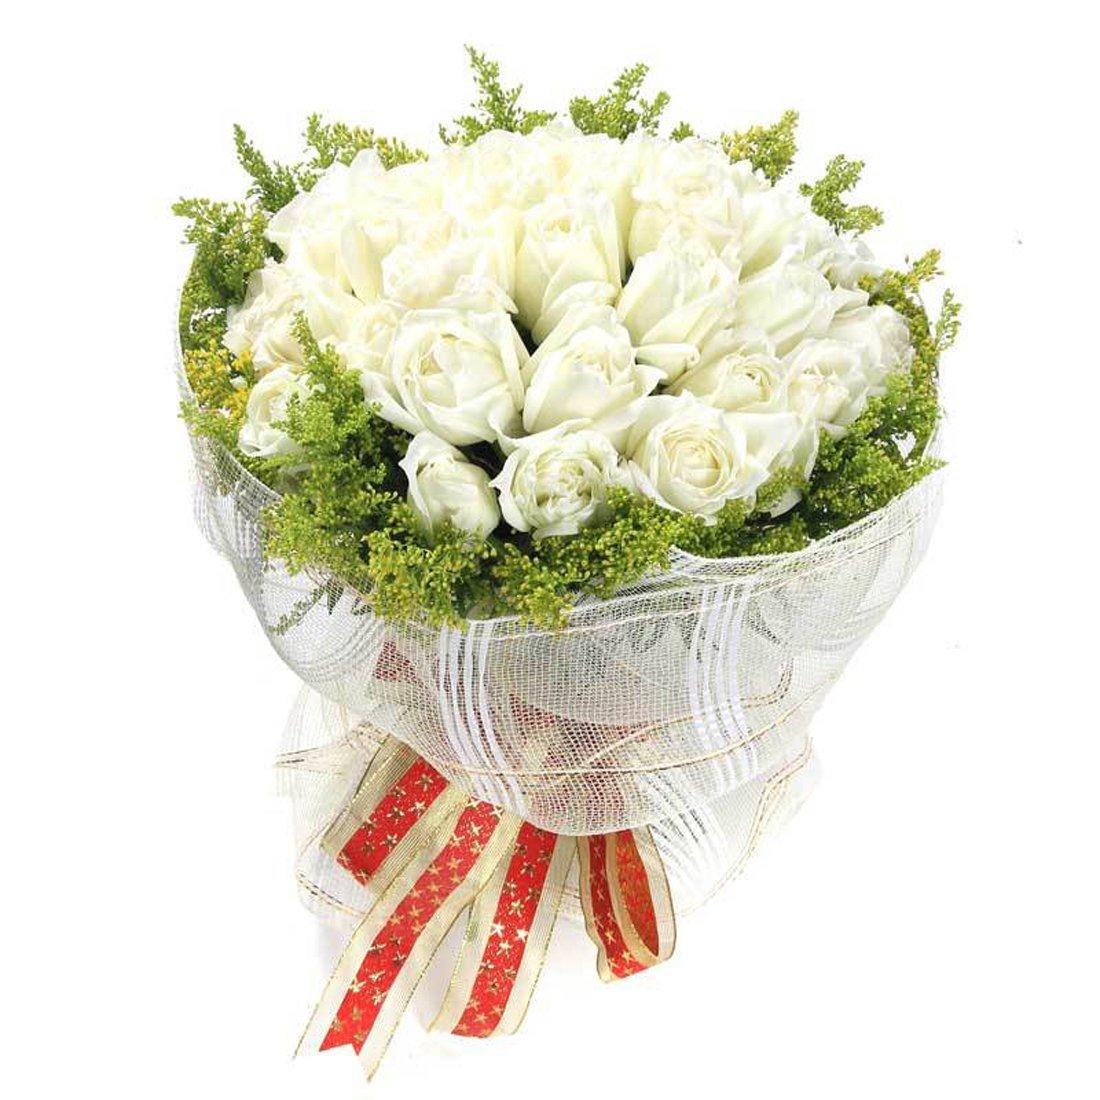 花柚 全国鲜花速递 21朵白玫瑰花束鹤岗送花双鸭山鲜花速递大庆花店